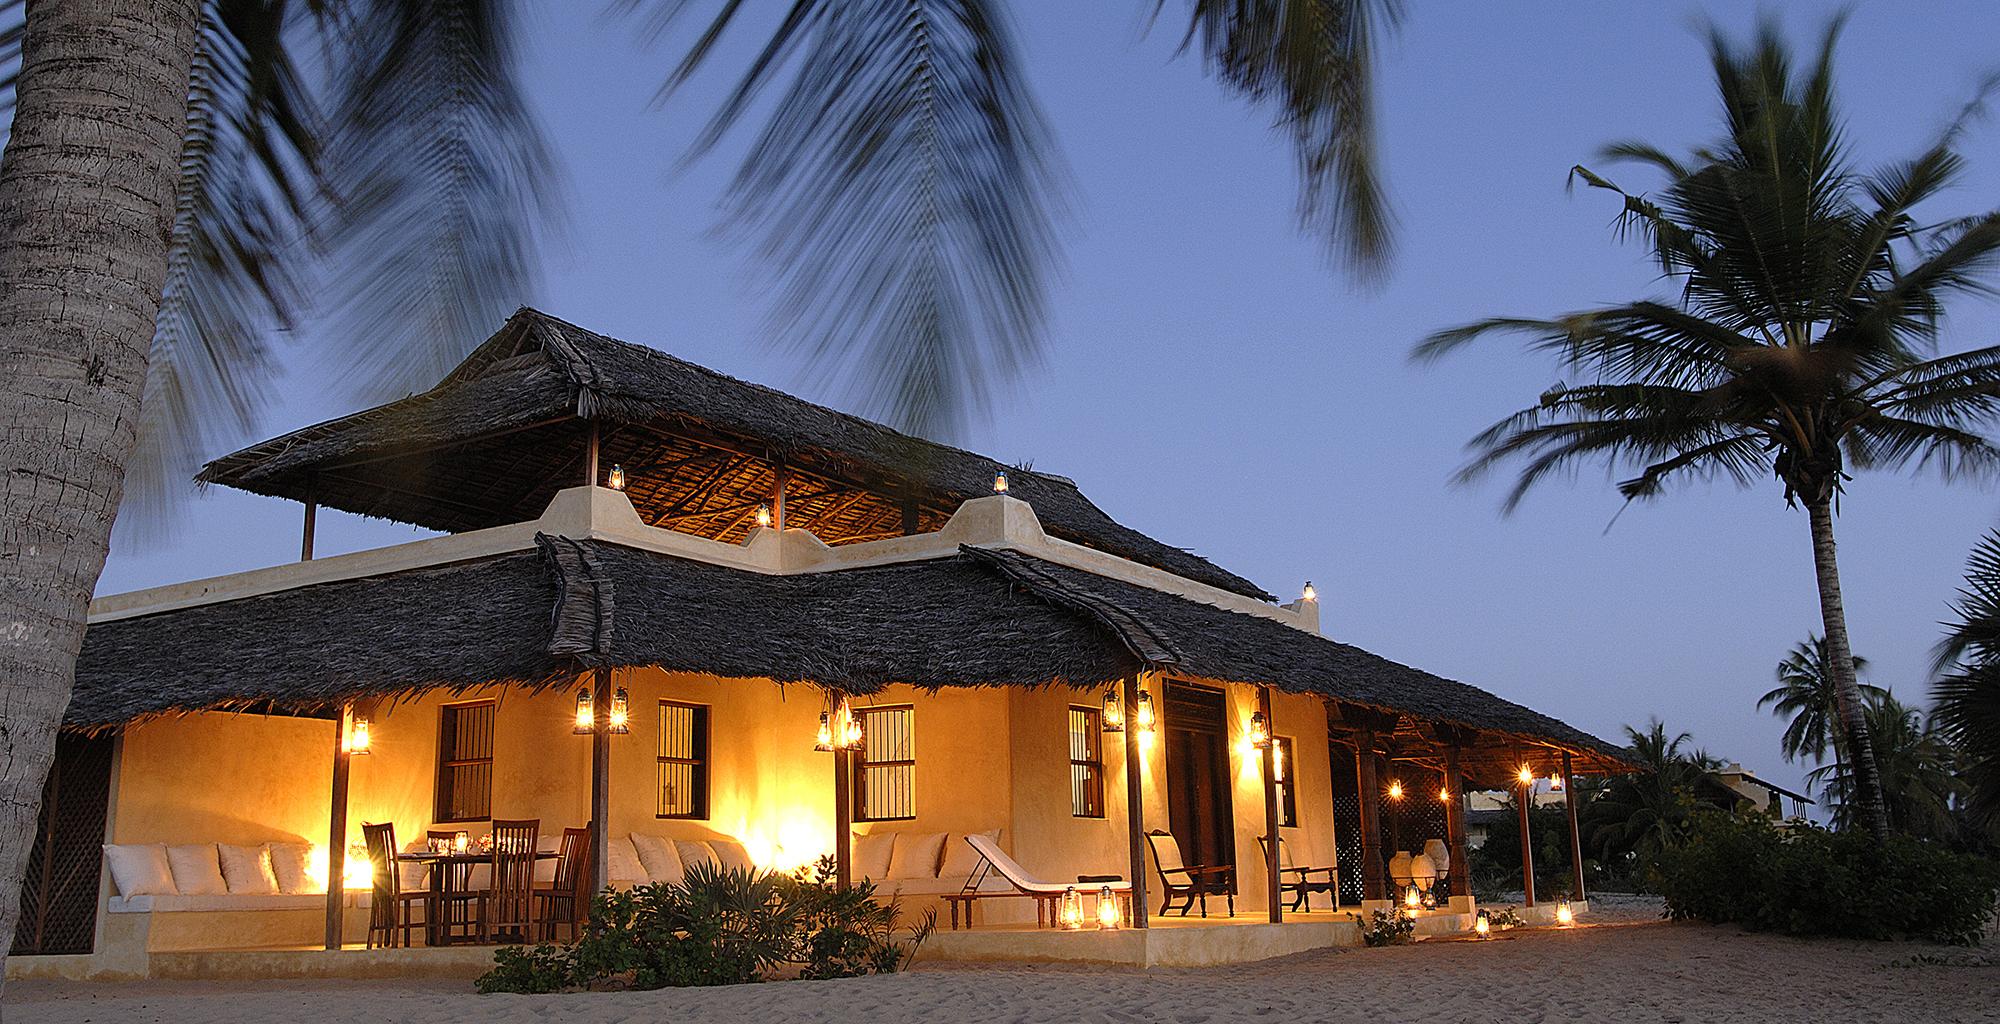 Kenya-Kizingoni-Villa-Exterior-Night